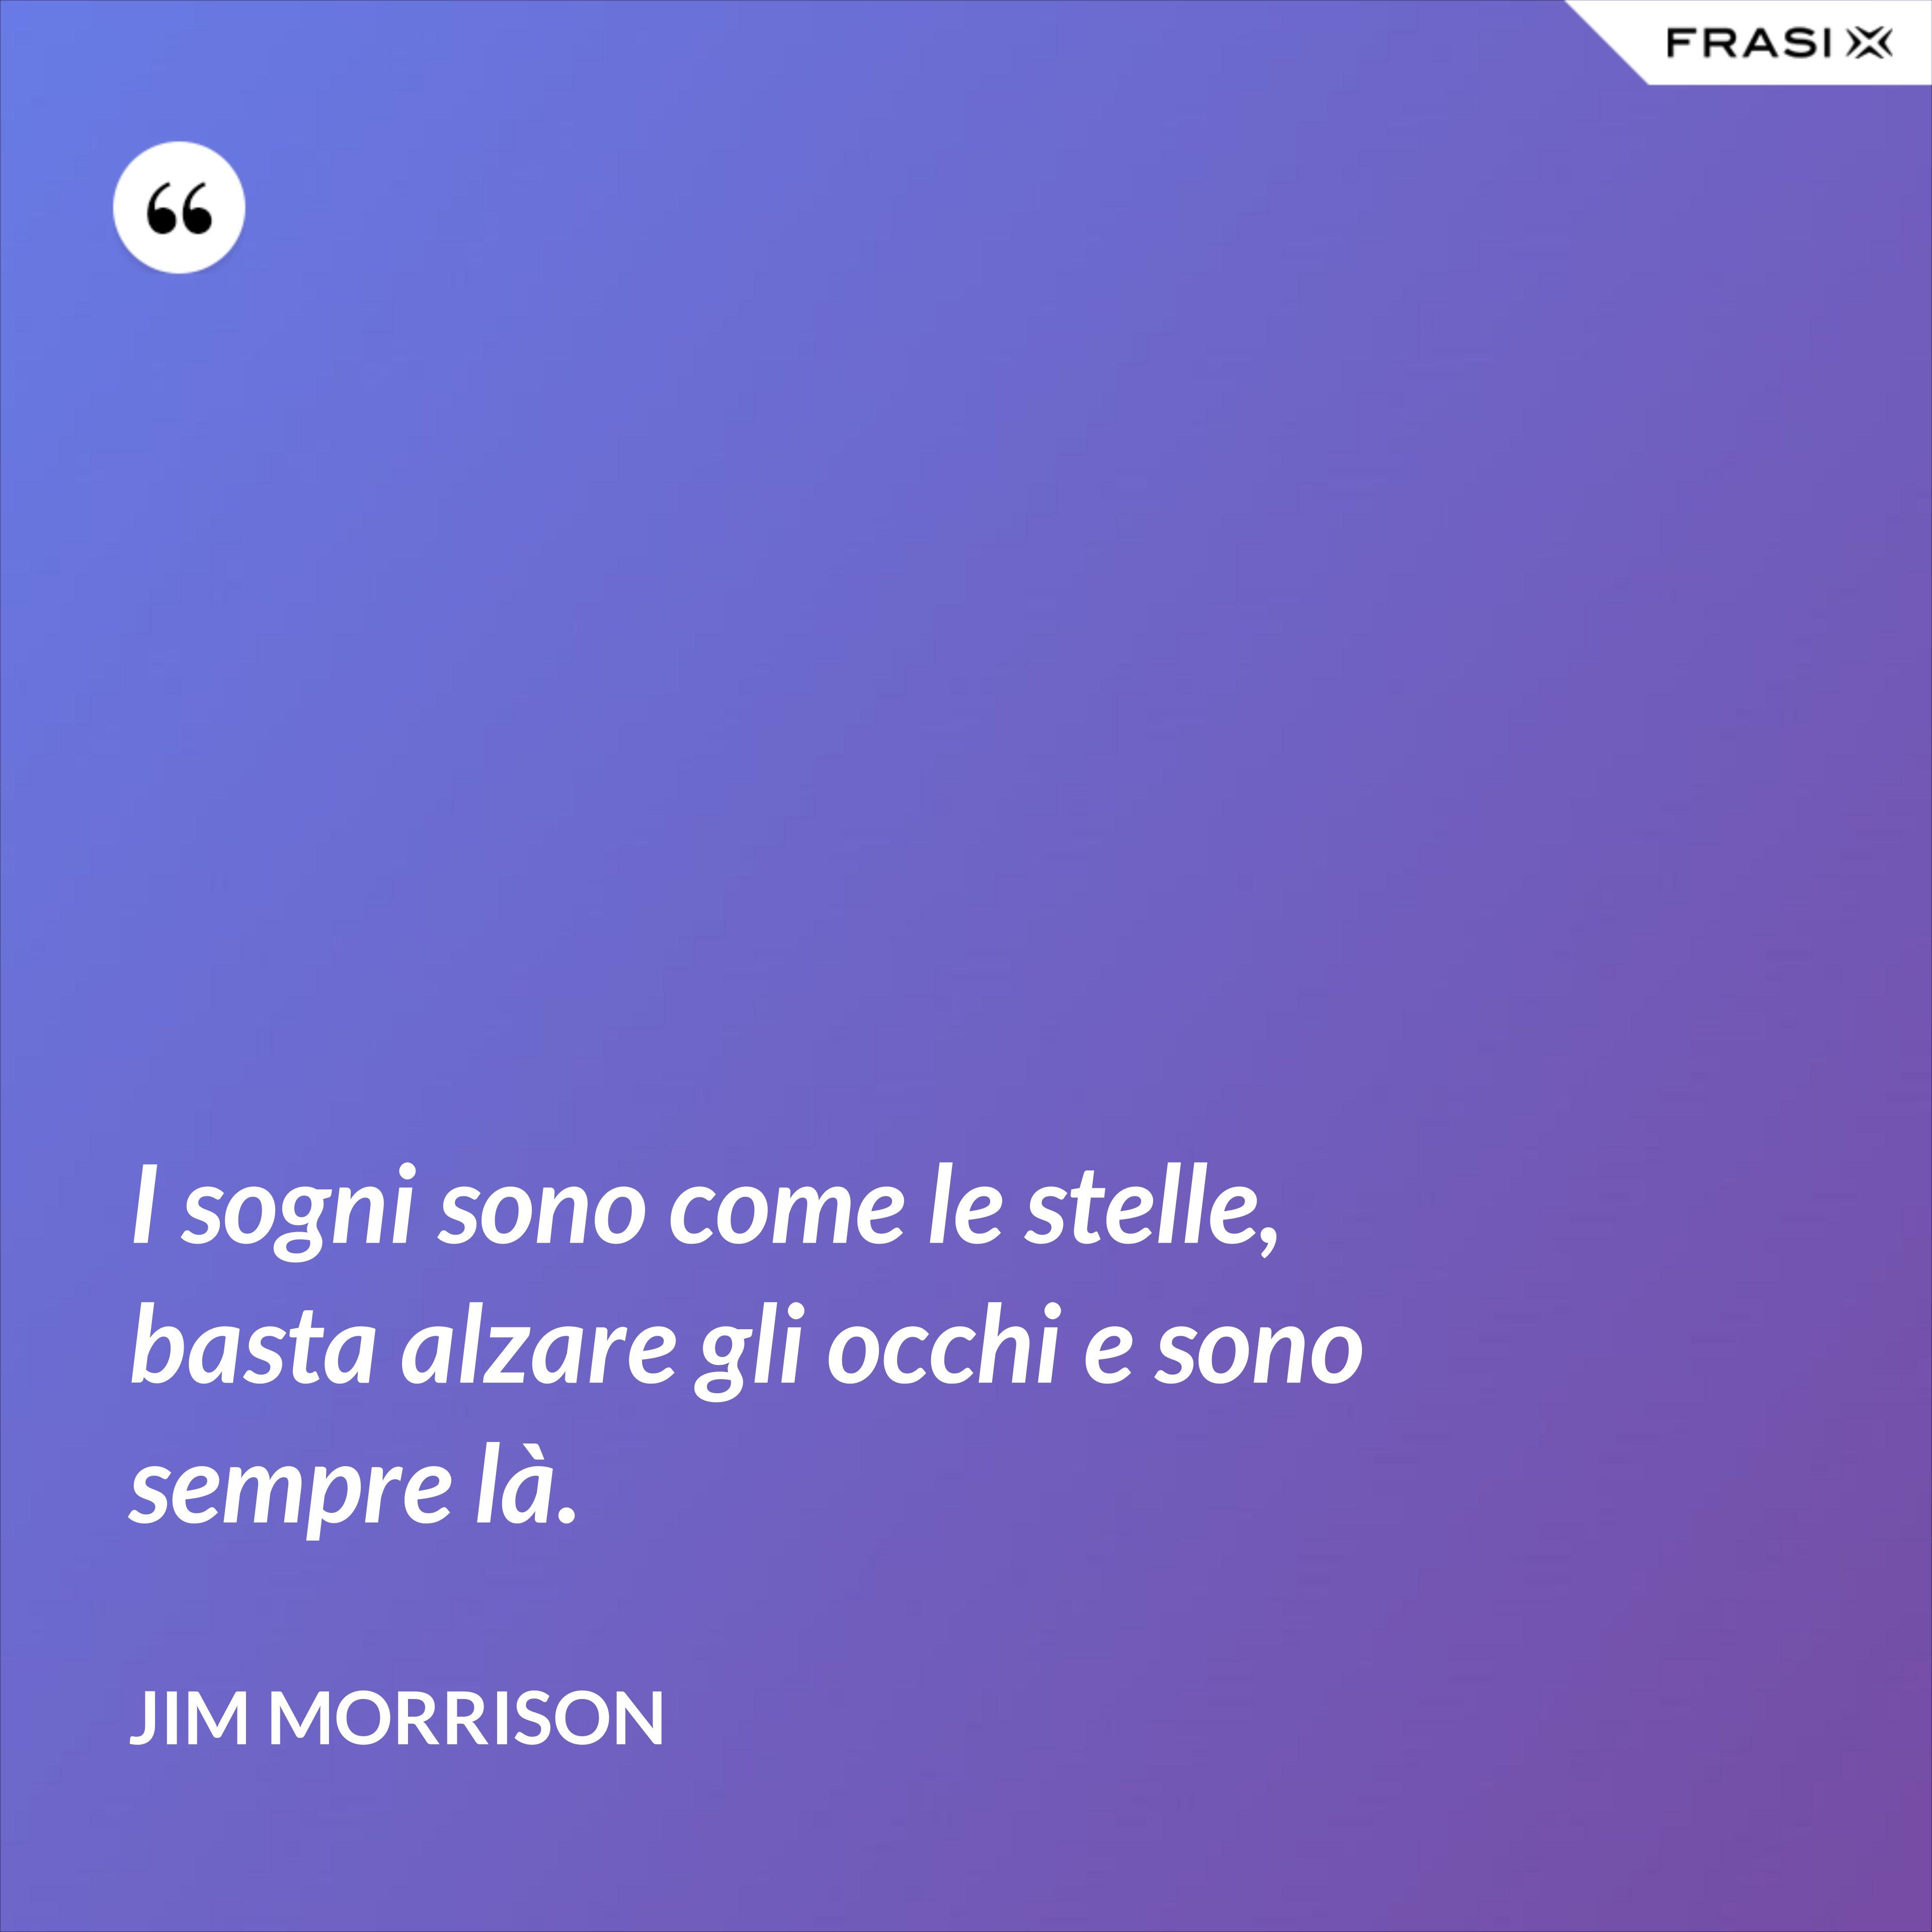 I sogni sono come le stelle, basta alzare gli occhi e sono sempre là. - Jim Morrison